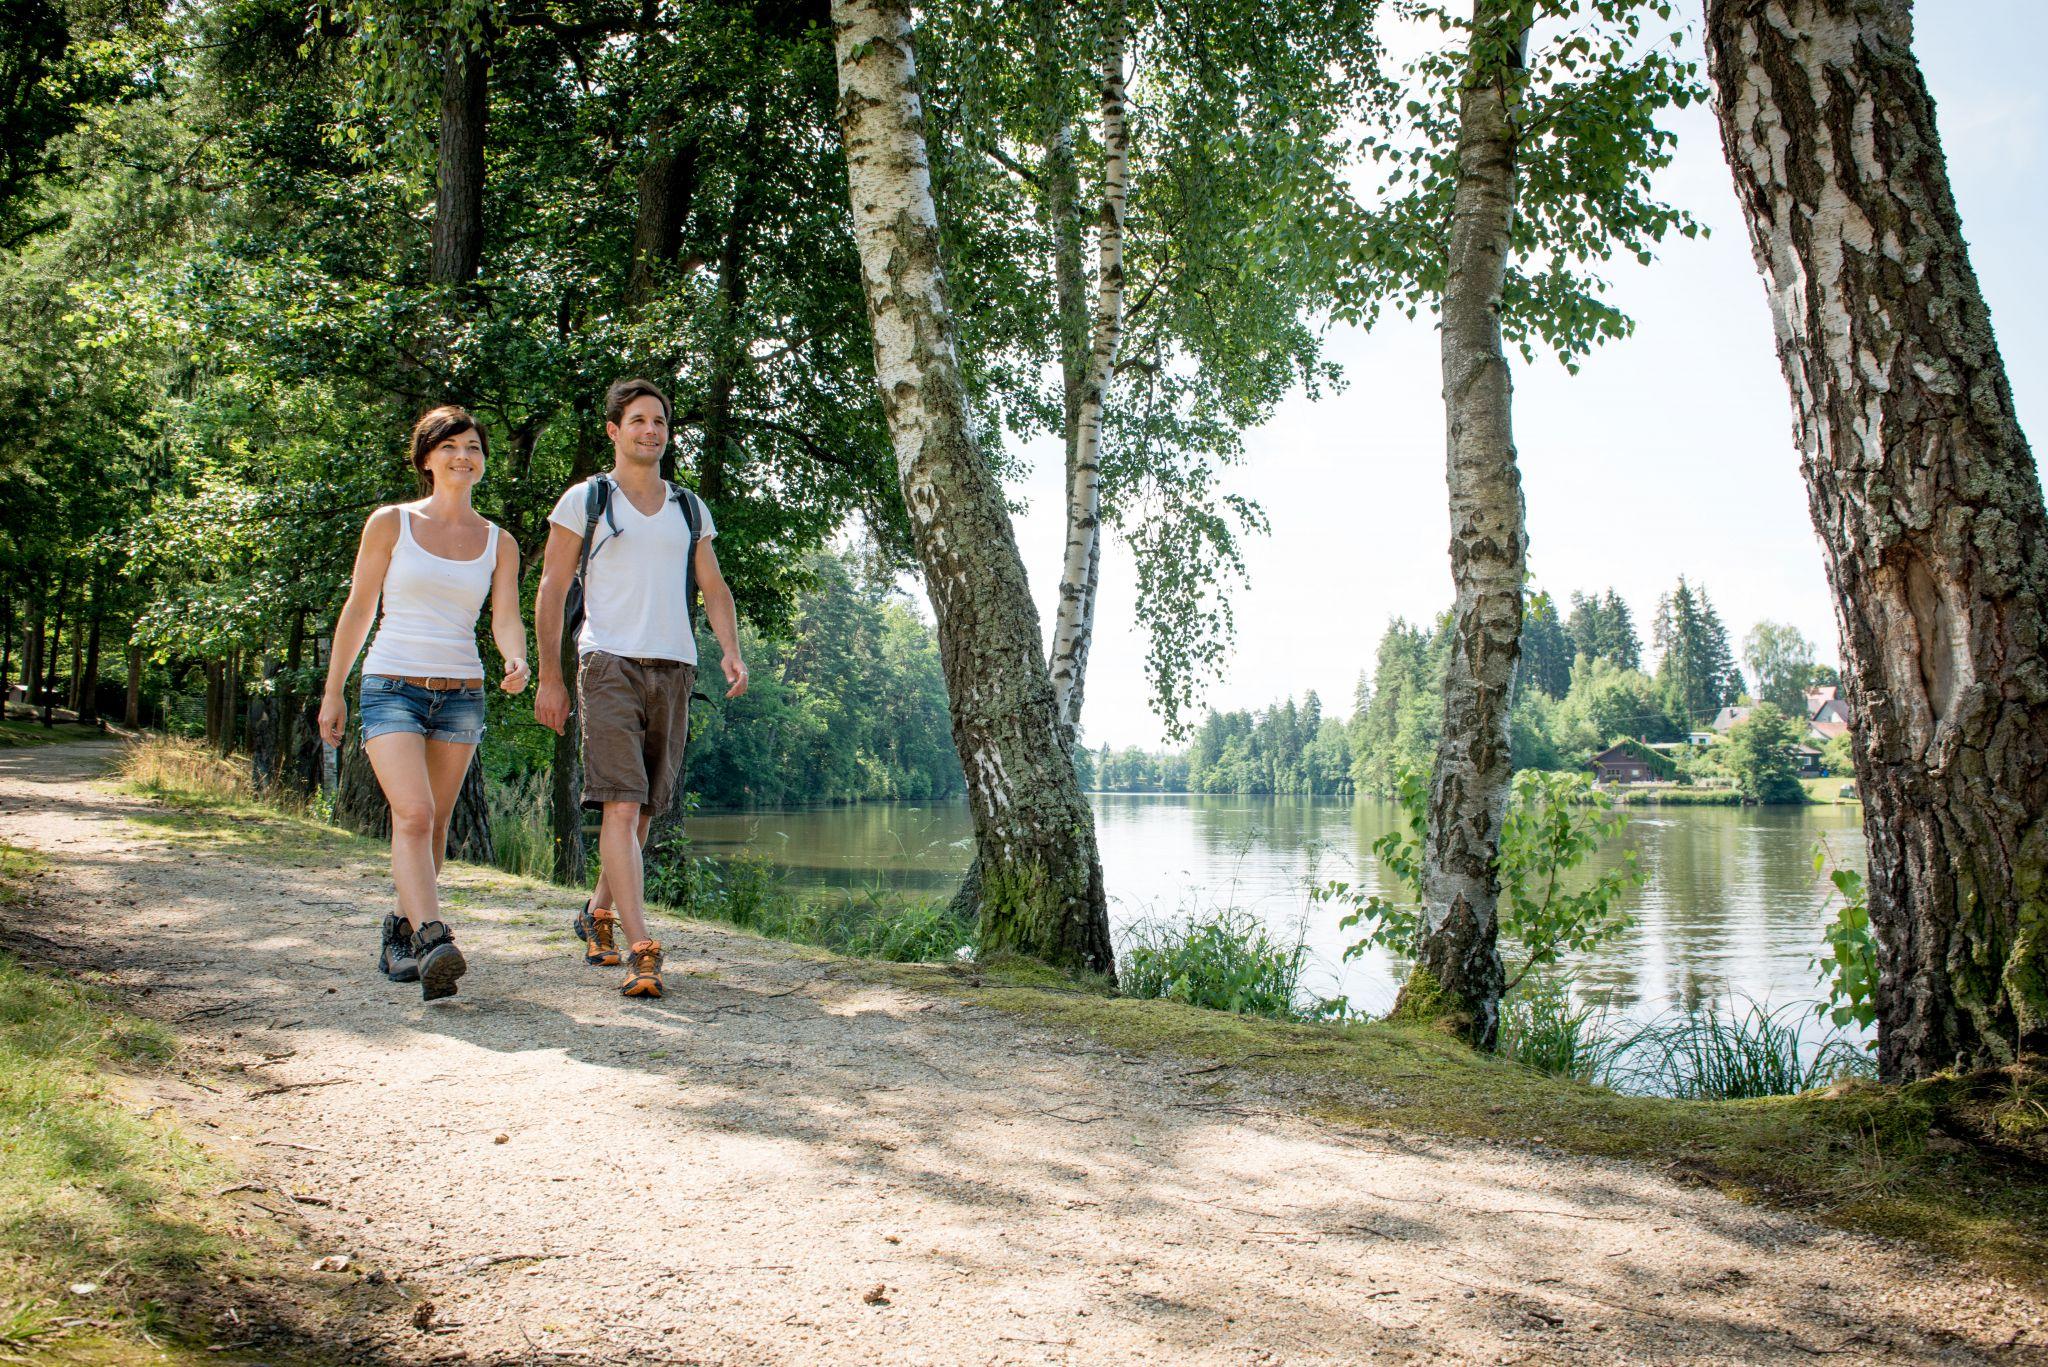 Kurztext LainsitzHauptsujet_Genusswandern_(c) Waldviertel Tourismus_www.ishootpeople.at